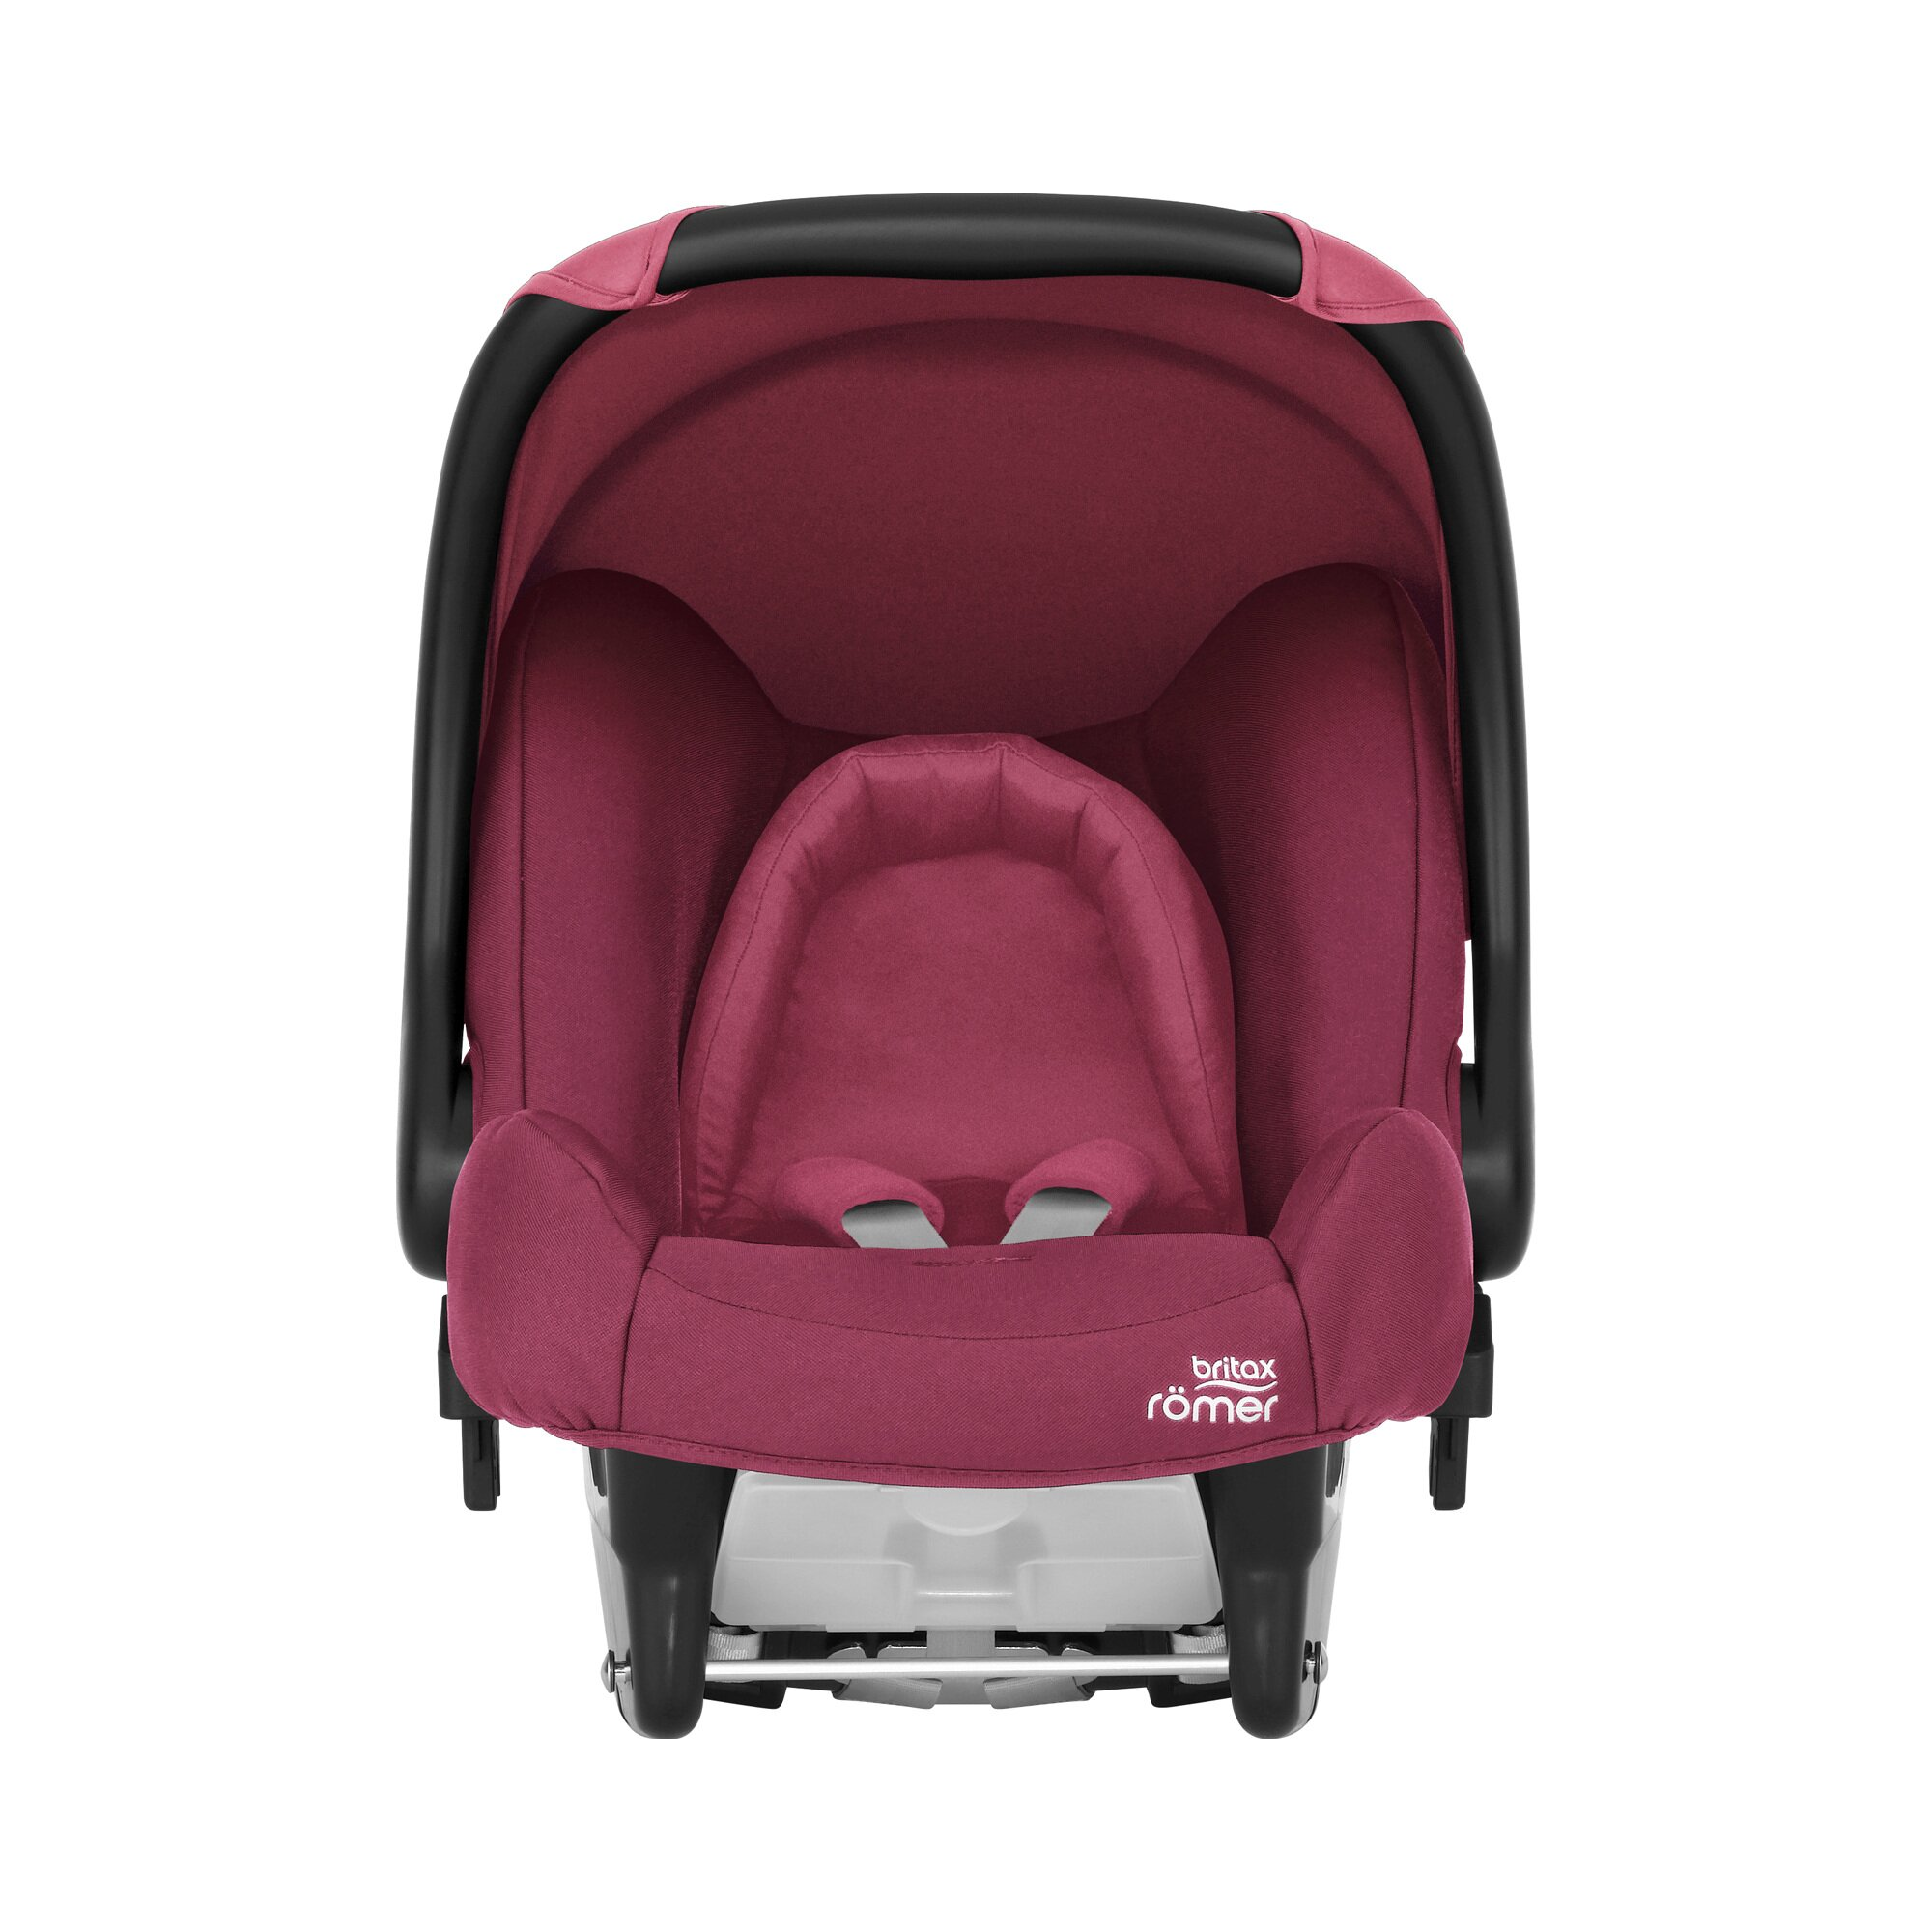 britax-romer-baby-safe-babyschale